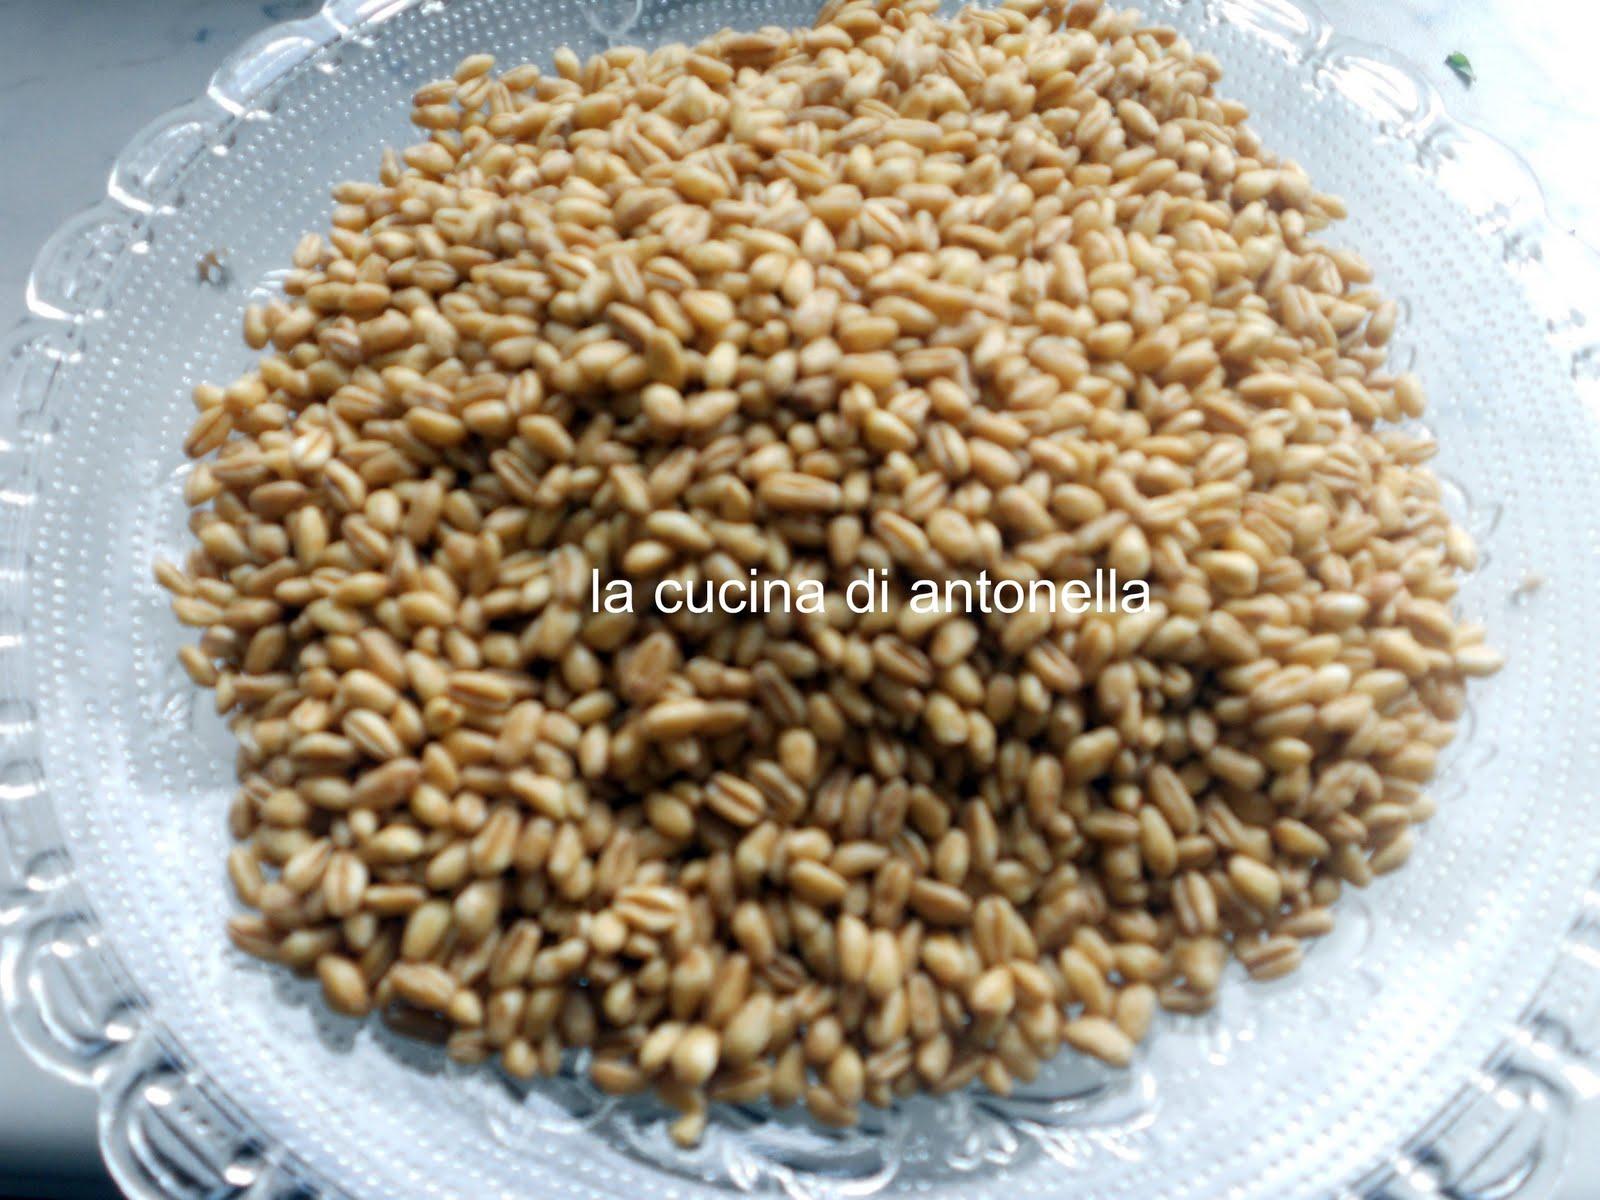 La cucina di antonella insalata di grano verdure e feta - La cucina di antonella ...